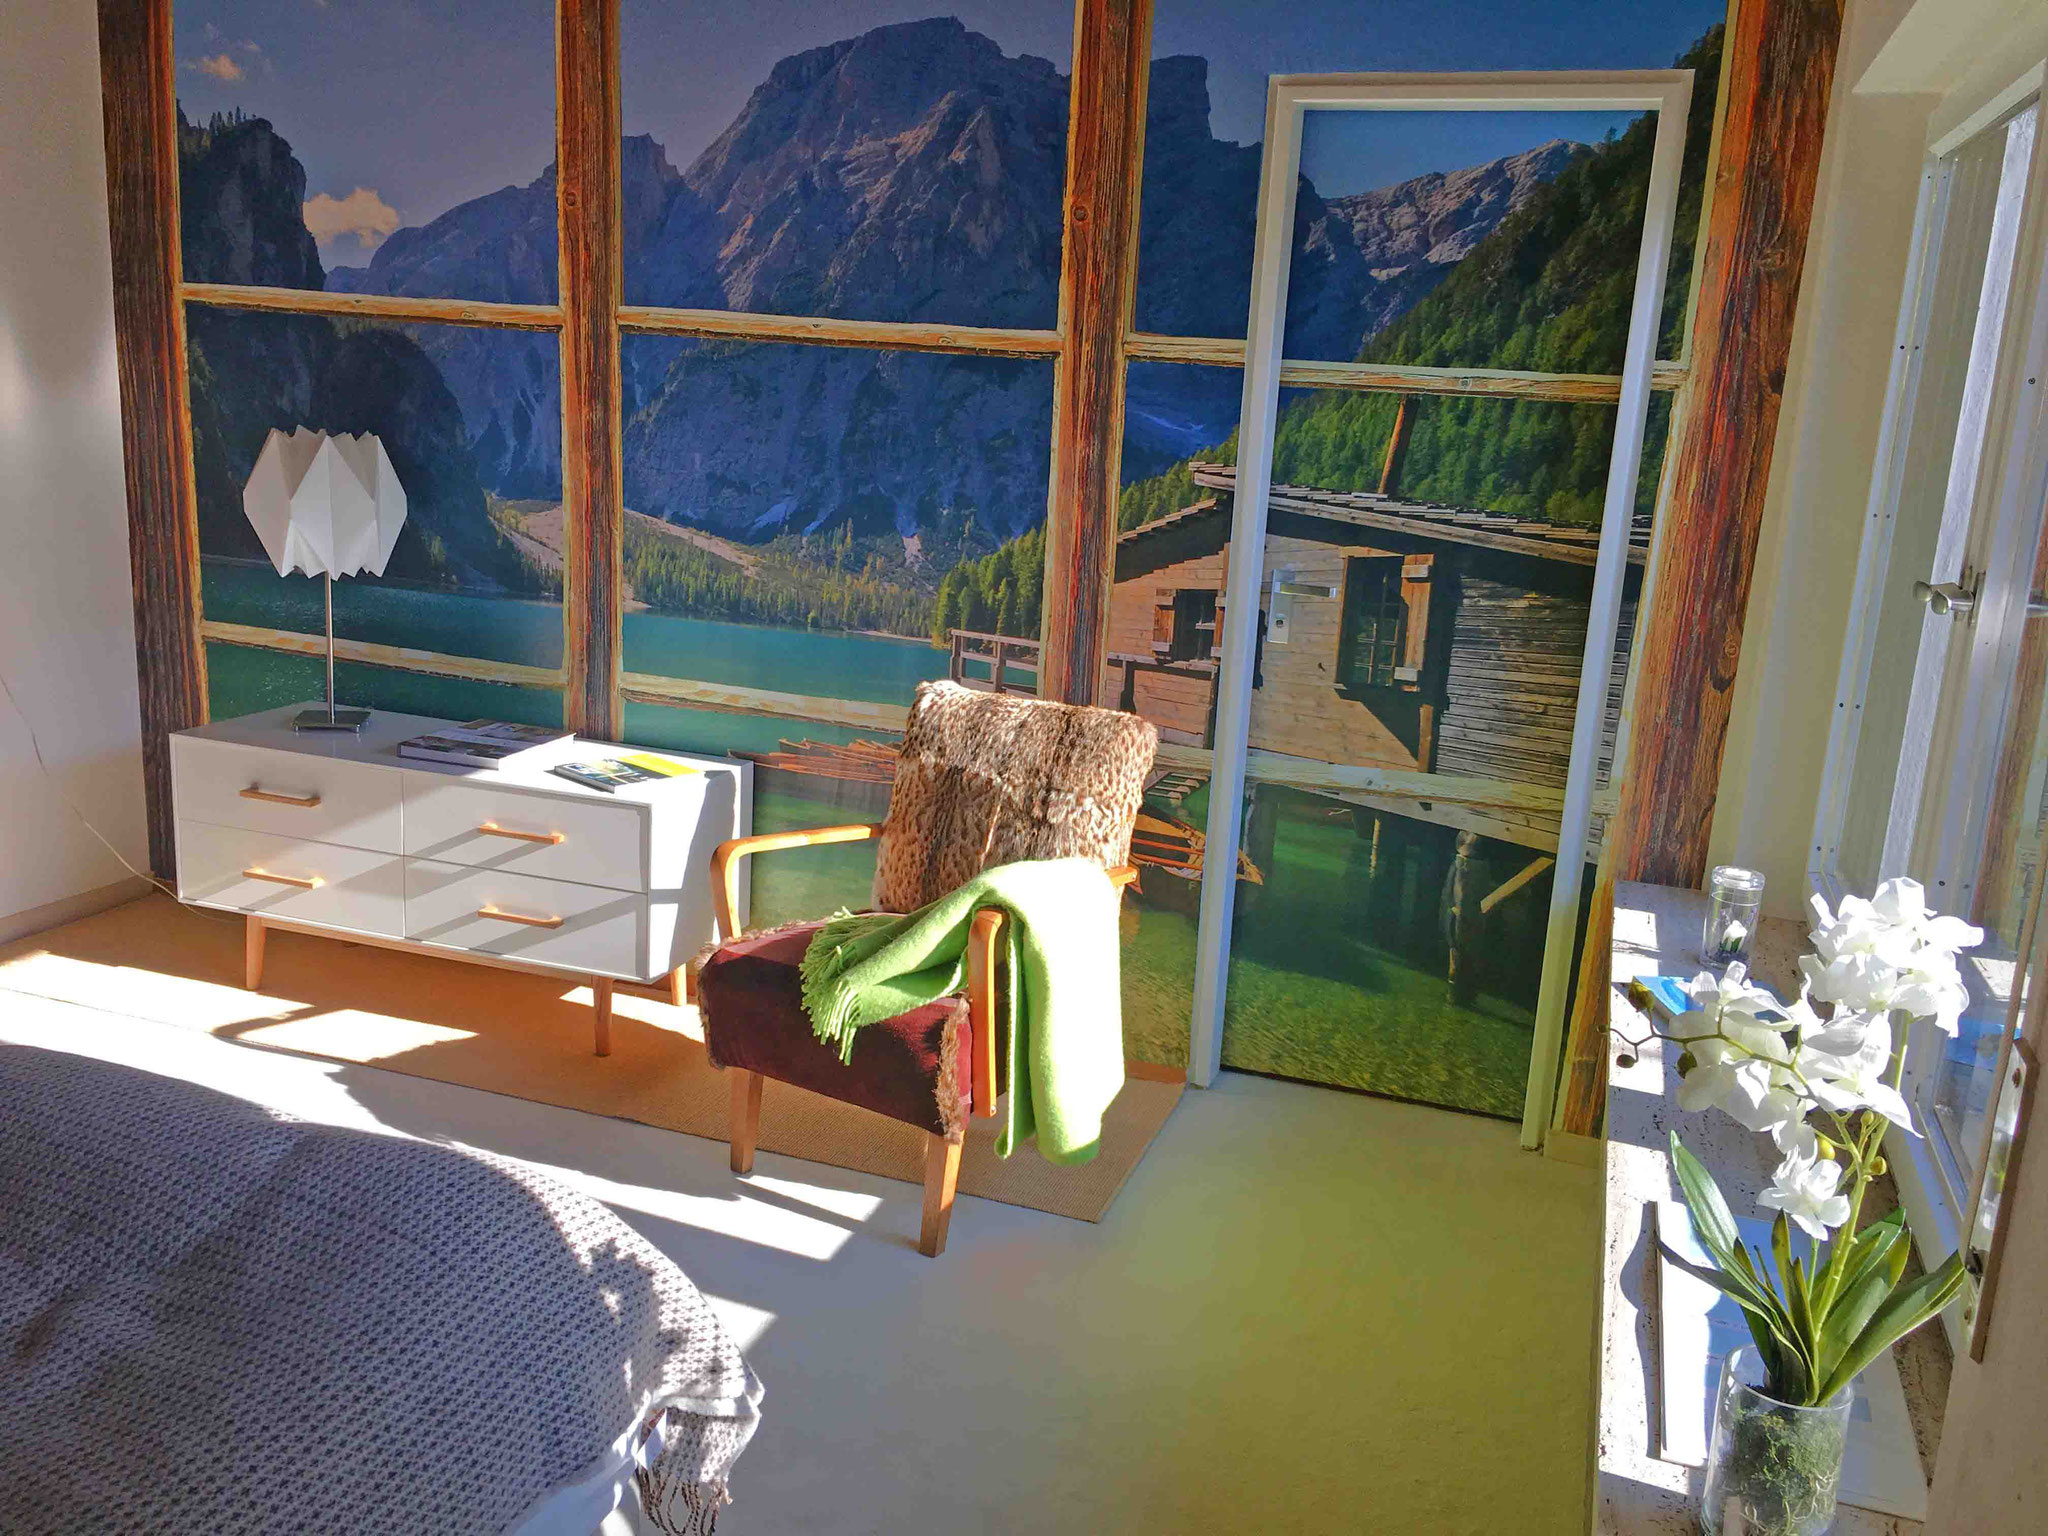 Unsere Ferien Apartments - Chiemsee Apart - Ferienwohnungen mit Stil